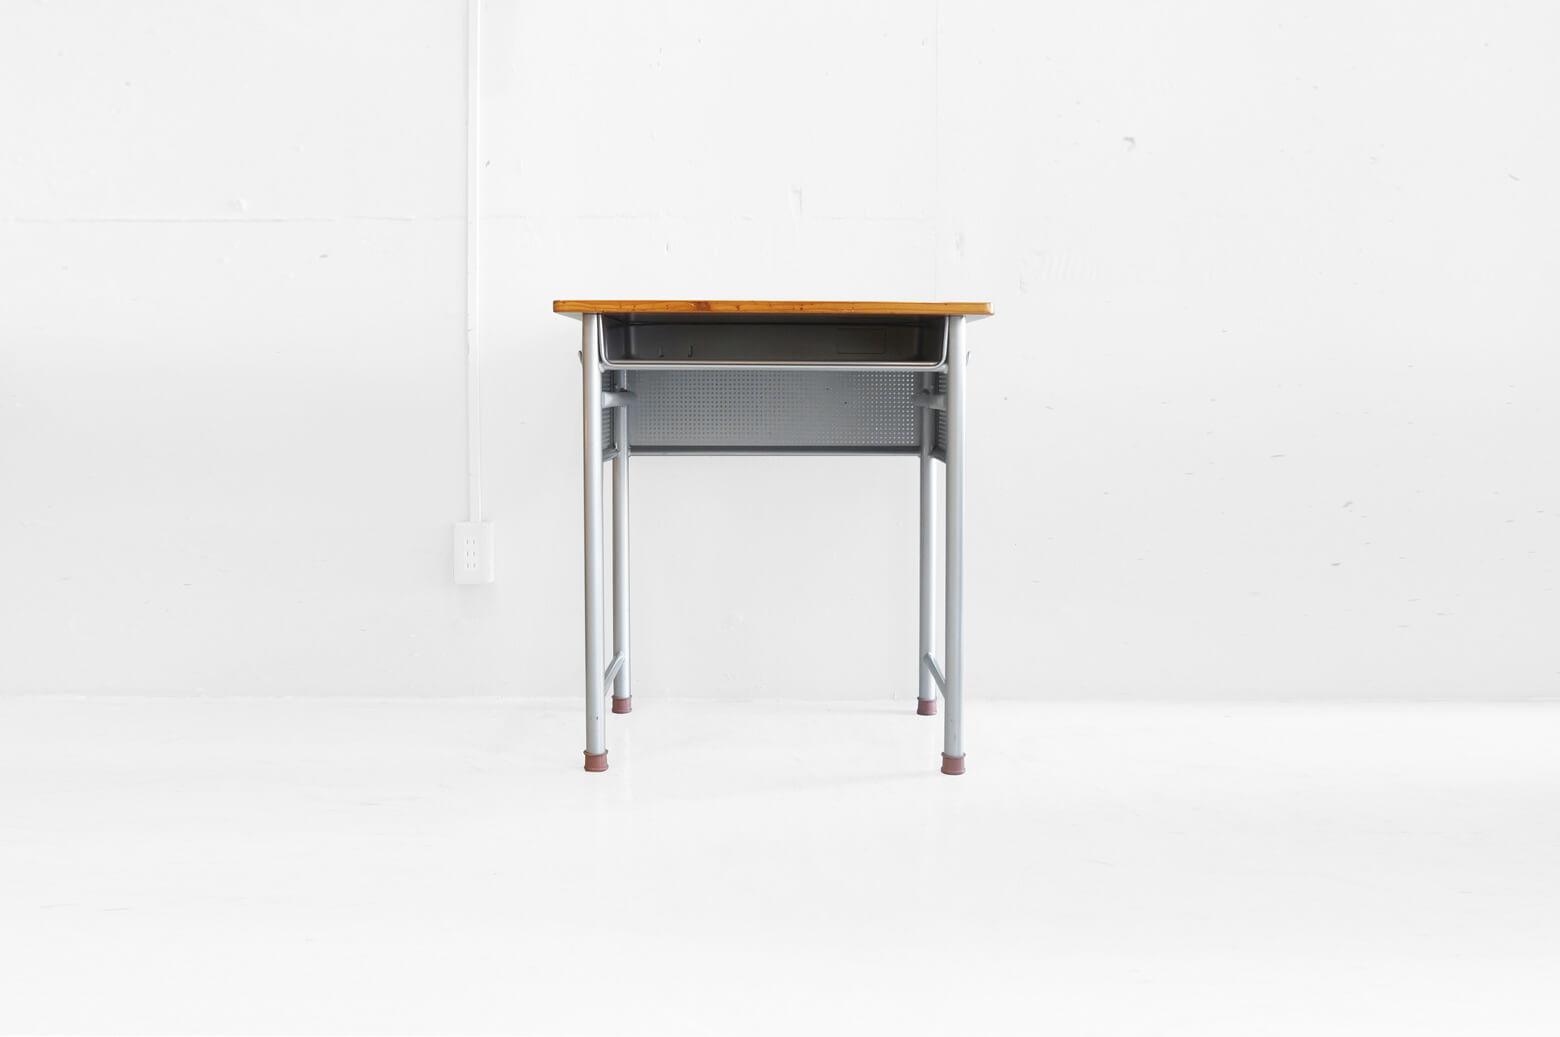 パネルに囲まれた、見慣れないデザインの学校机。 実はコクヨ製の「地震対策生徒用デスク」なんです。 授業中に地震が発生した際、机の下に潜り込んで生徒が自分自身で身を守れるような工夫がなされています。 フレームの内側には強い揺れによって身体が机の外に投げ出されたり、机が壊れないよう、机をしっかり握ってささえられる「つかまり棒」が付いています。 また、落下物や飛散物から顔や手を守り、パンチングされていることによって周囲の様子が確認できる「保護パネル」が付いています。 さらに、通常よりも太いパイプをフレームに使用することによって従来の製品よりも約2倍の耐荷重を実現しています。 ご家庭でも地震対策のひとつとしてぜひ取り入れてみてはいかがでしょうか? 天板に傷や擦れ、フレームに錆びや汚れがございますが、大きなダメージはございません。 日本に住む私たちは常に地震と隣り合わせ… 近年では学校の耐震補強工事や倉庫備蓄の整備などの地震対策が行われています。 その対策のひとつとしてこちらようなデスクも導入されています。 もしもの時に備えて、ご家庭でも普段からできる対策をしていきたいですね。 ~【東京都杉並区阿佐ヶ谷北アンティークショップ 古一】 古一/ふるいちでは出張無料買取も行っております。杉並区周辺はもちろん、世田谷区・目黒区・武蔵野市・新宿区等の東京近郊のお見積もりも!ビンテージ家具・インテリア雑貨・ランプ・USED品・ リサイクルなら古一/フルイチへ~